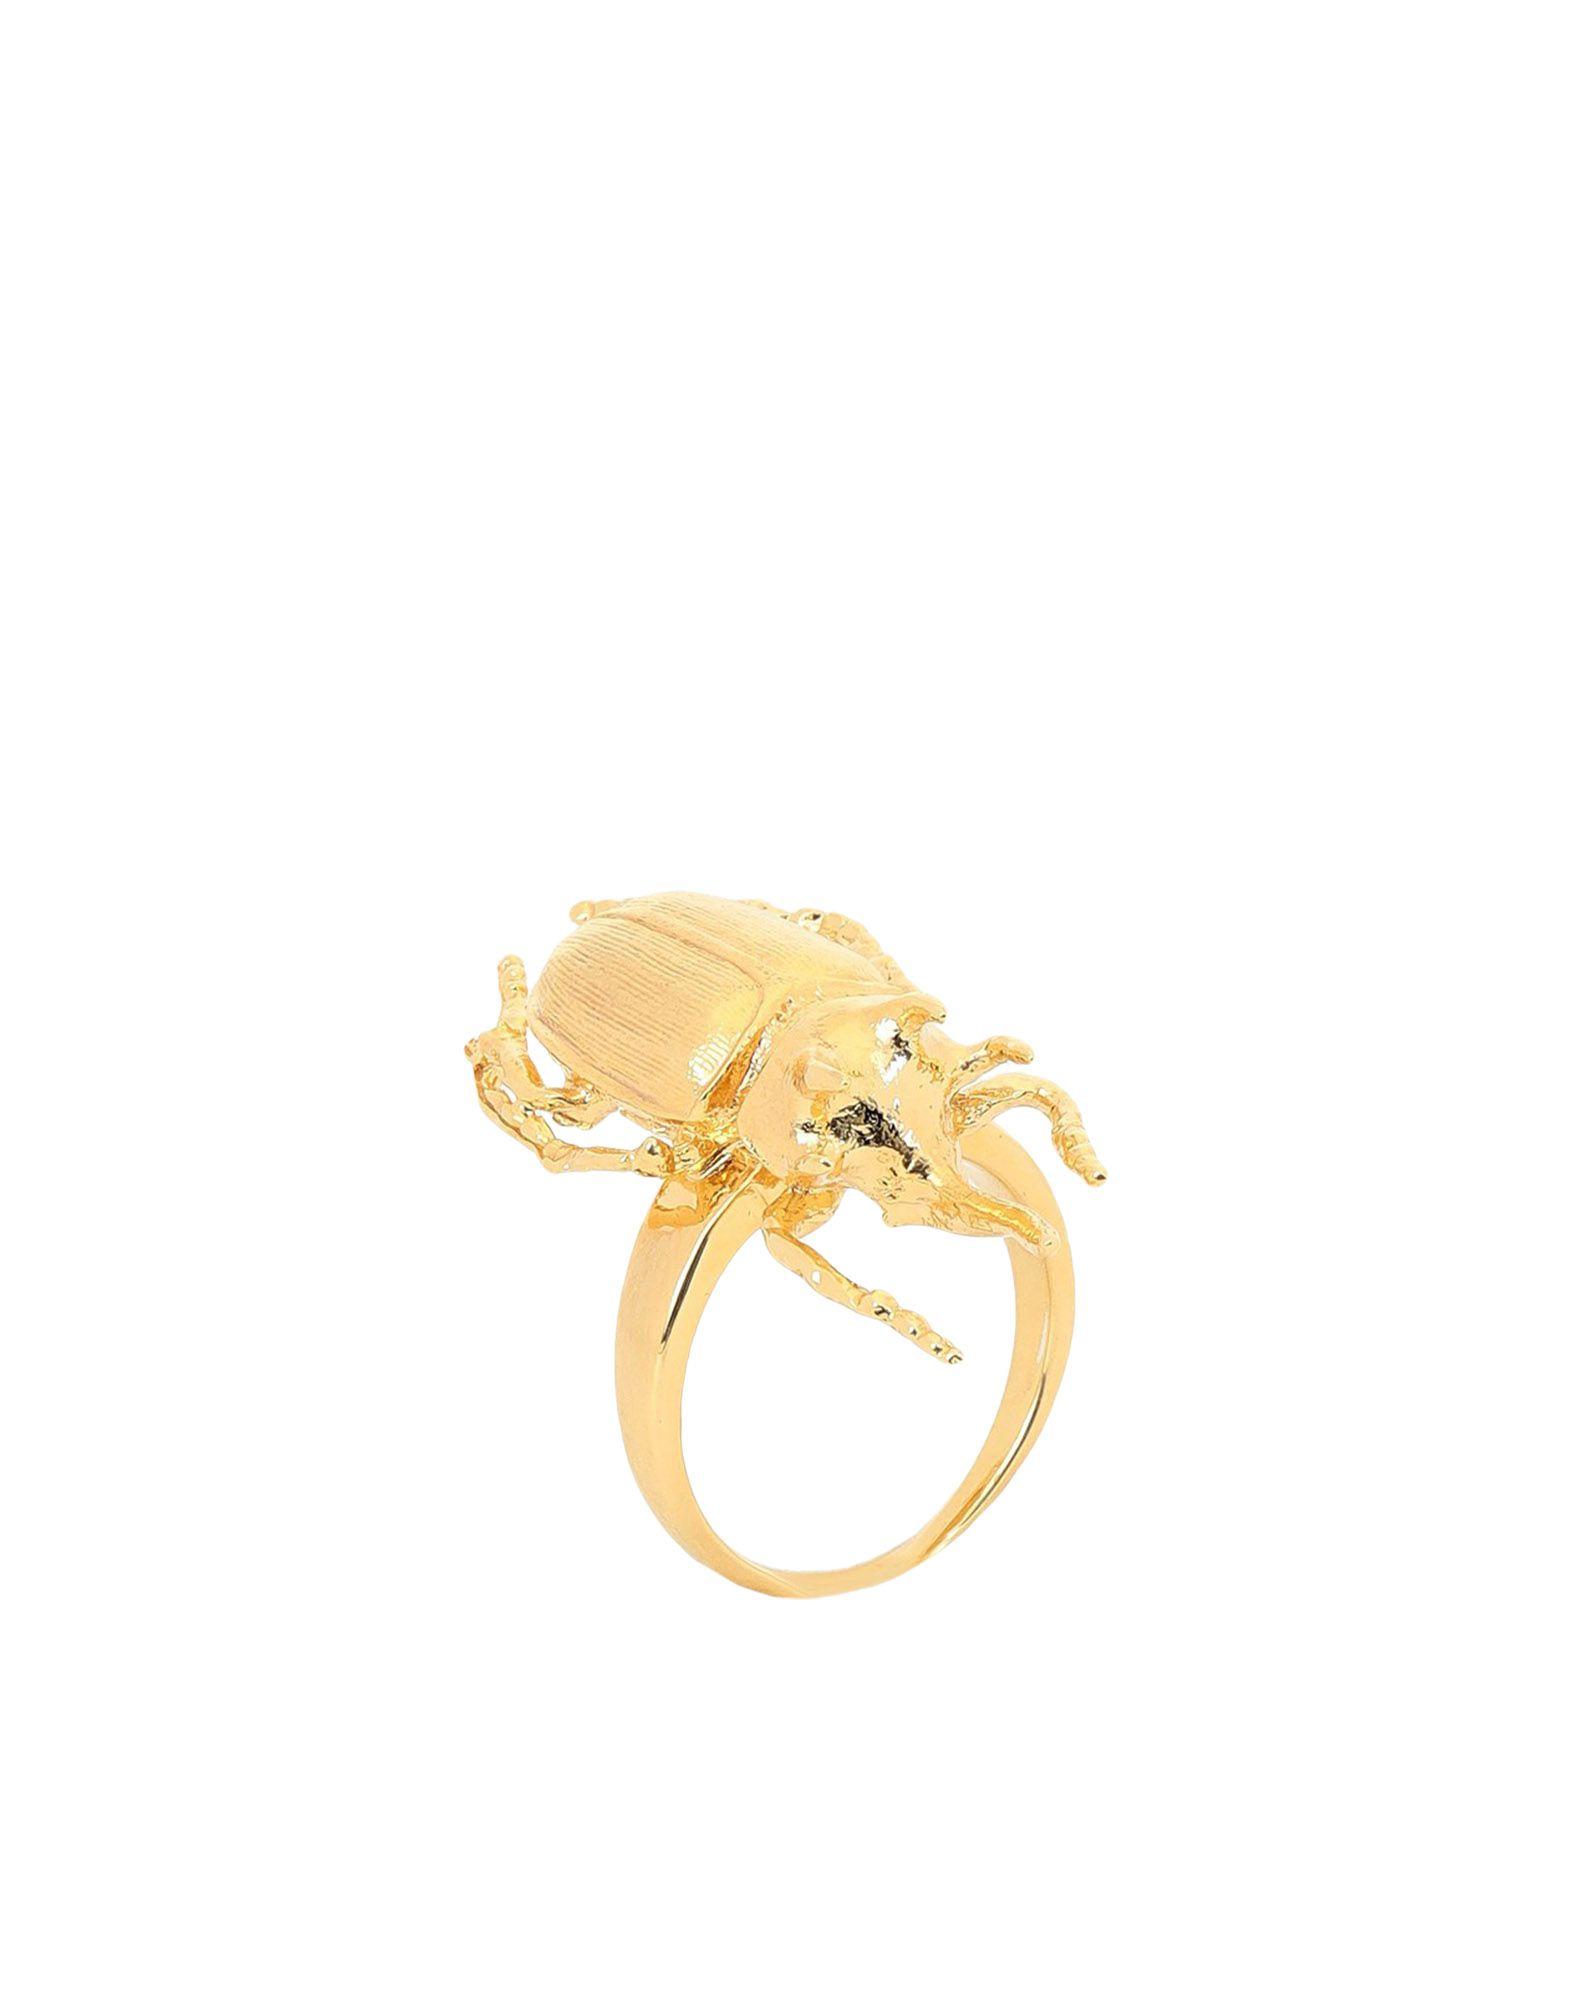 《期間限定 セール開催中》BILL SKINNER レディース 指輪 ゴールド S 真鍮/ブラス / 18金メッキ BEETLE RING